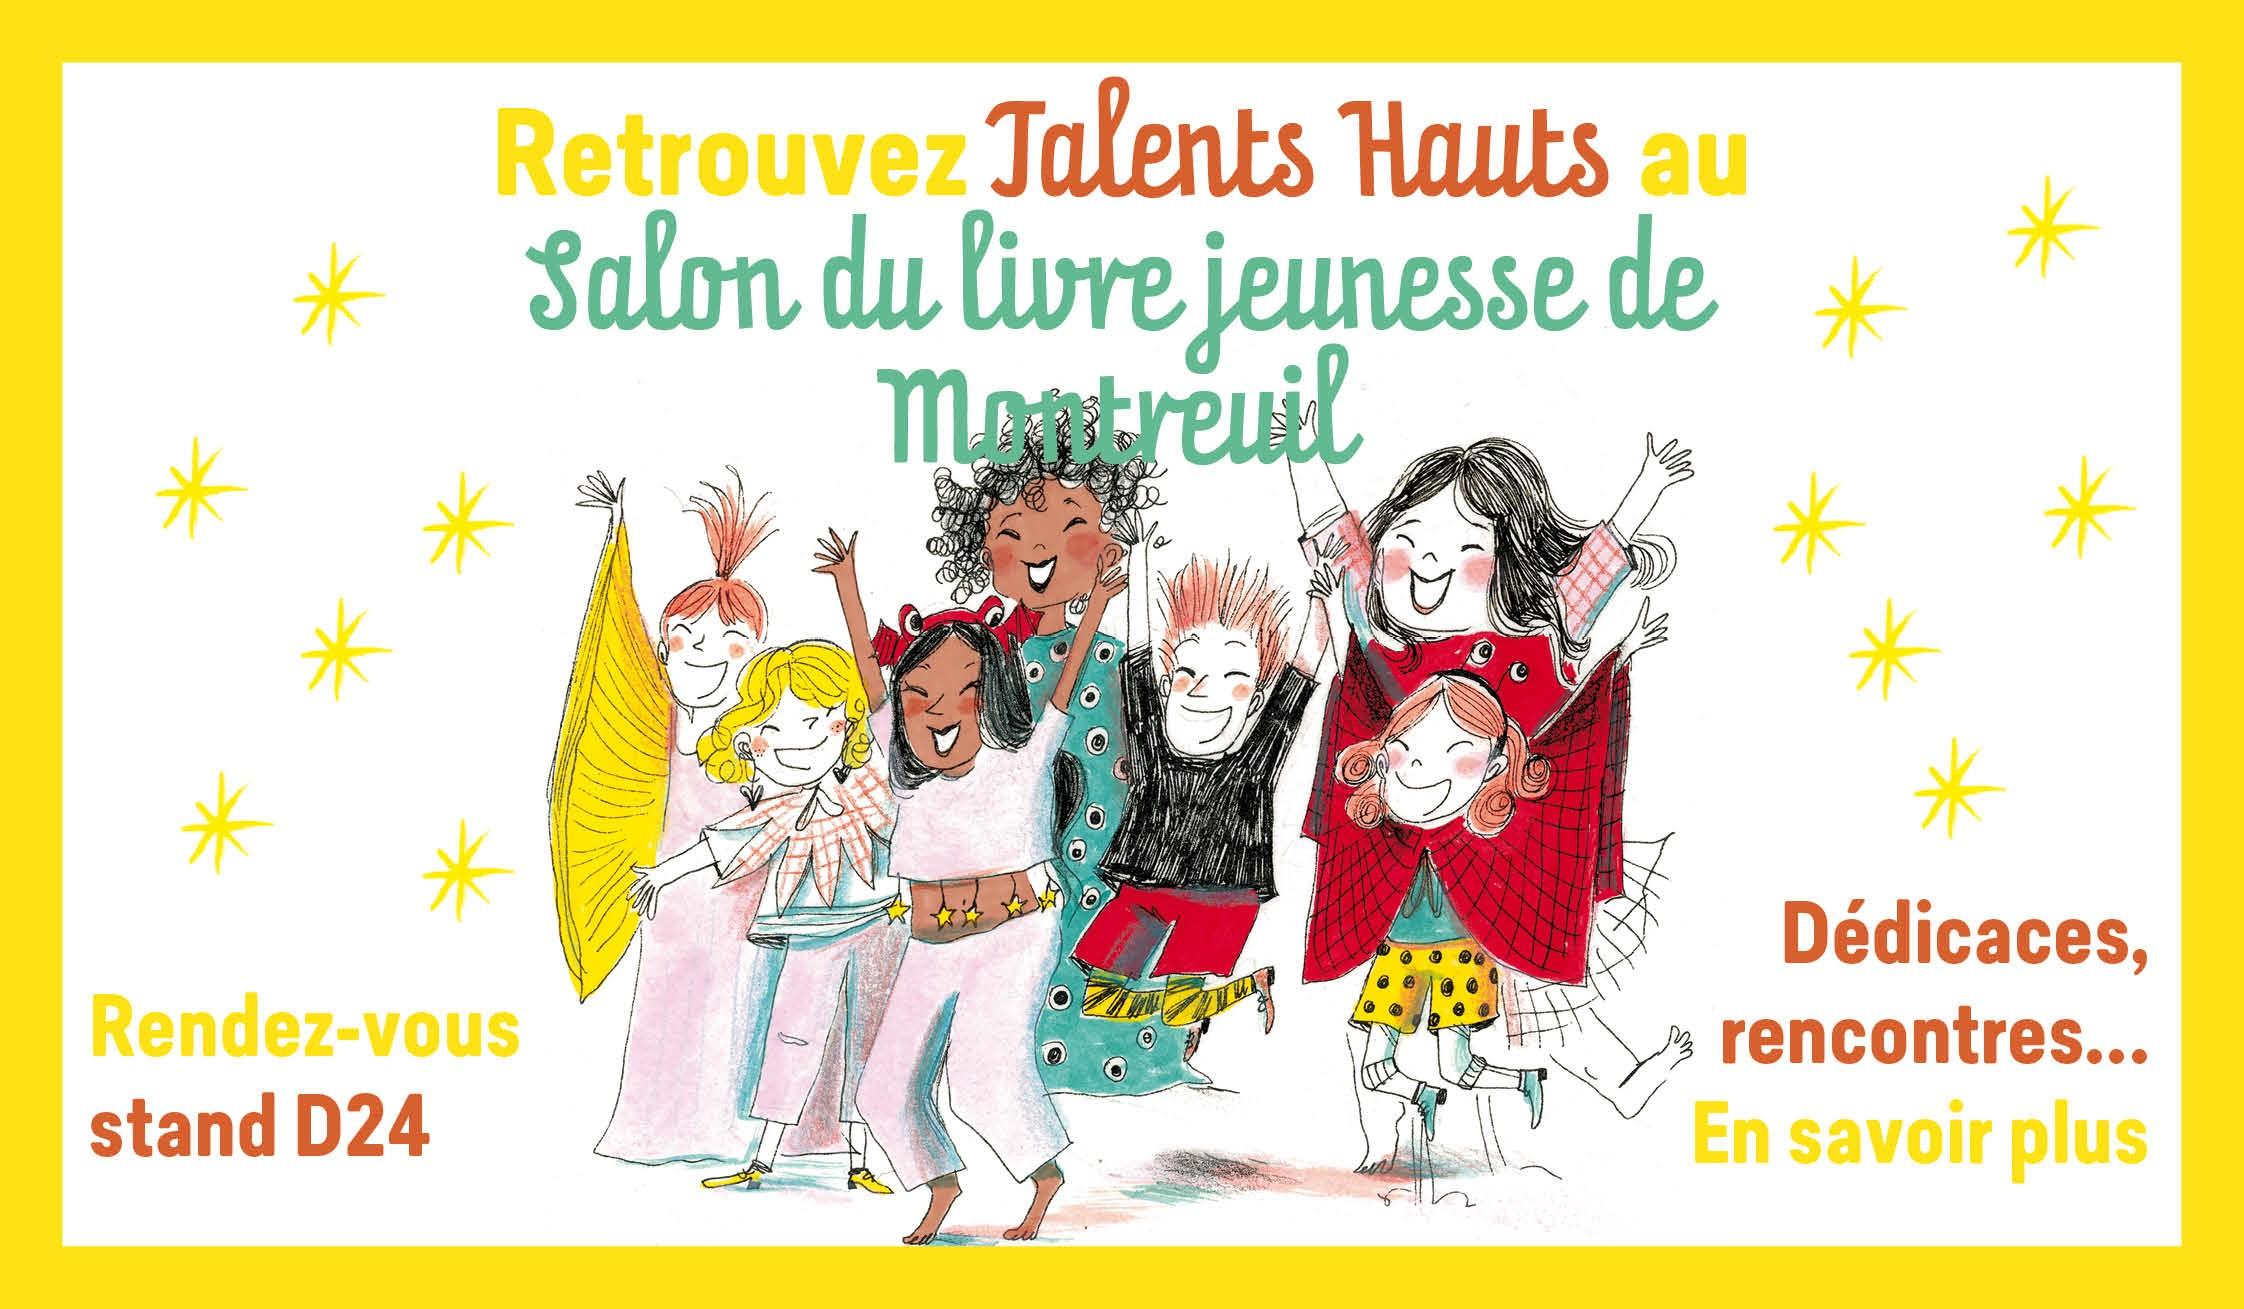 Talents Hauts au Salon du livre jeunesse de Montreuil